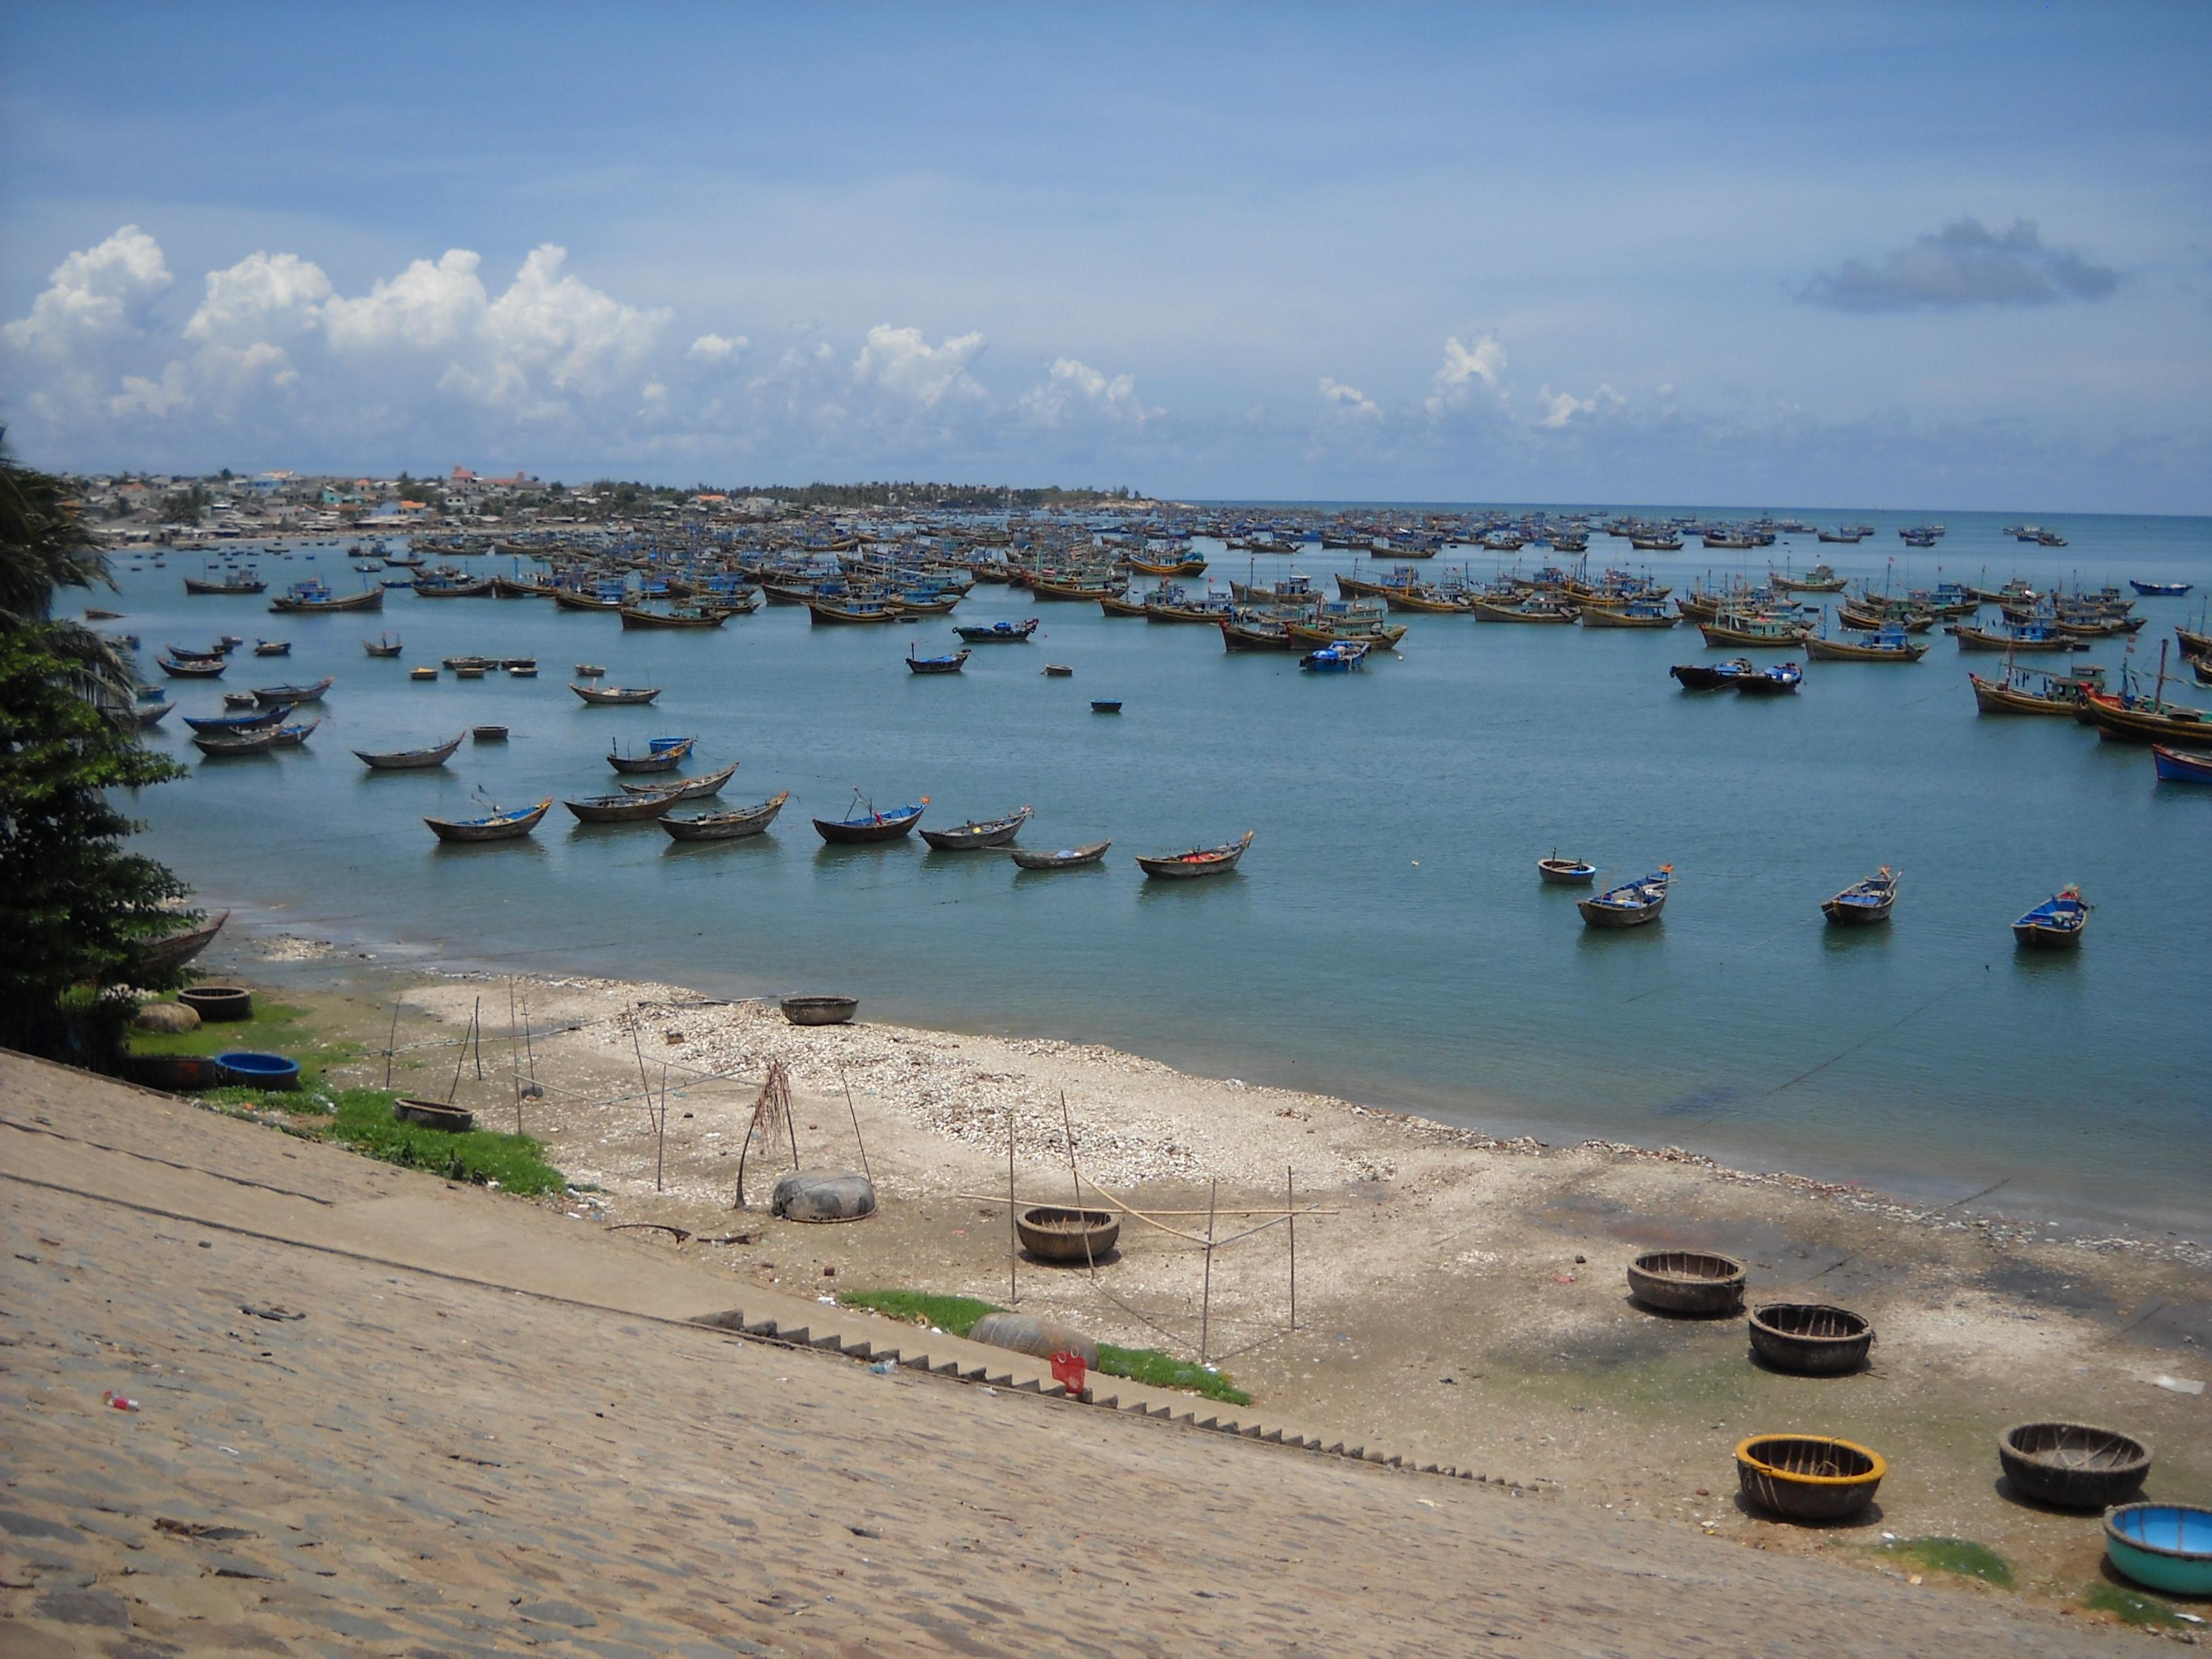 Bán nhớt Voltronic chính hãng tại Bình Thuận